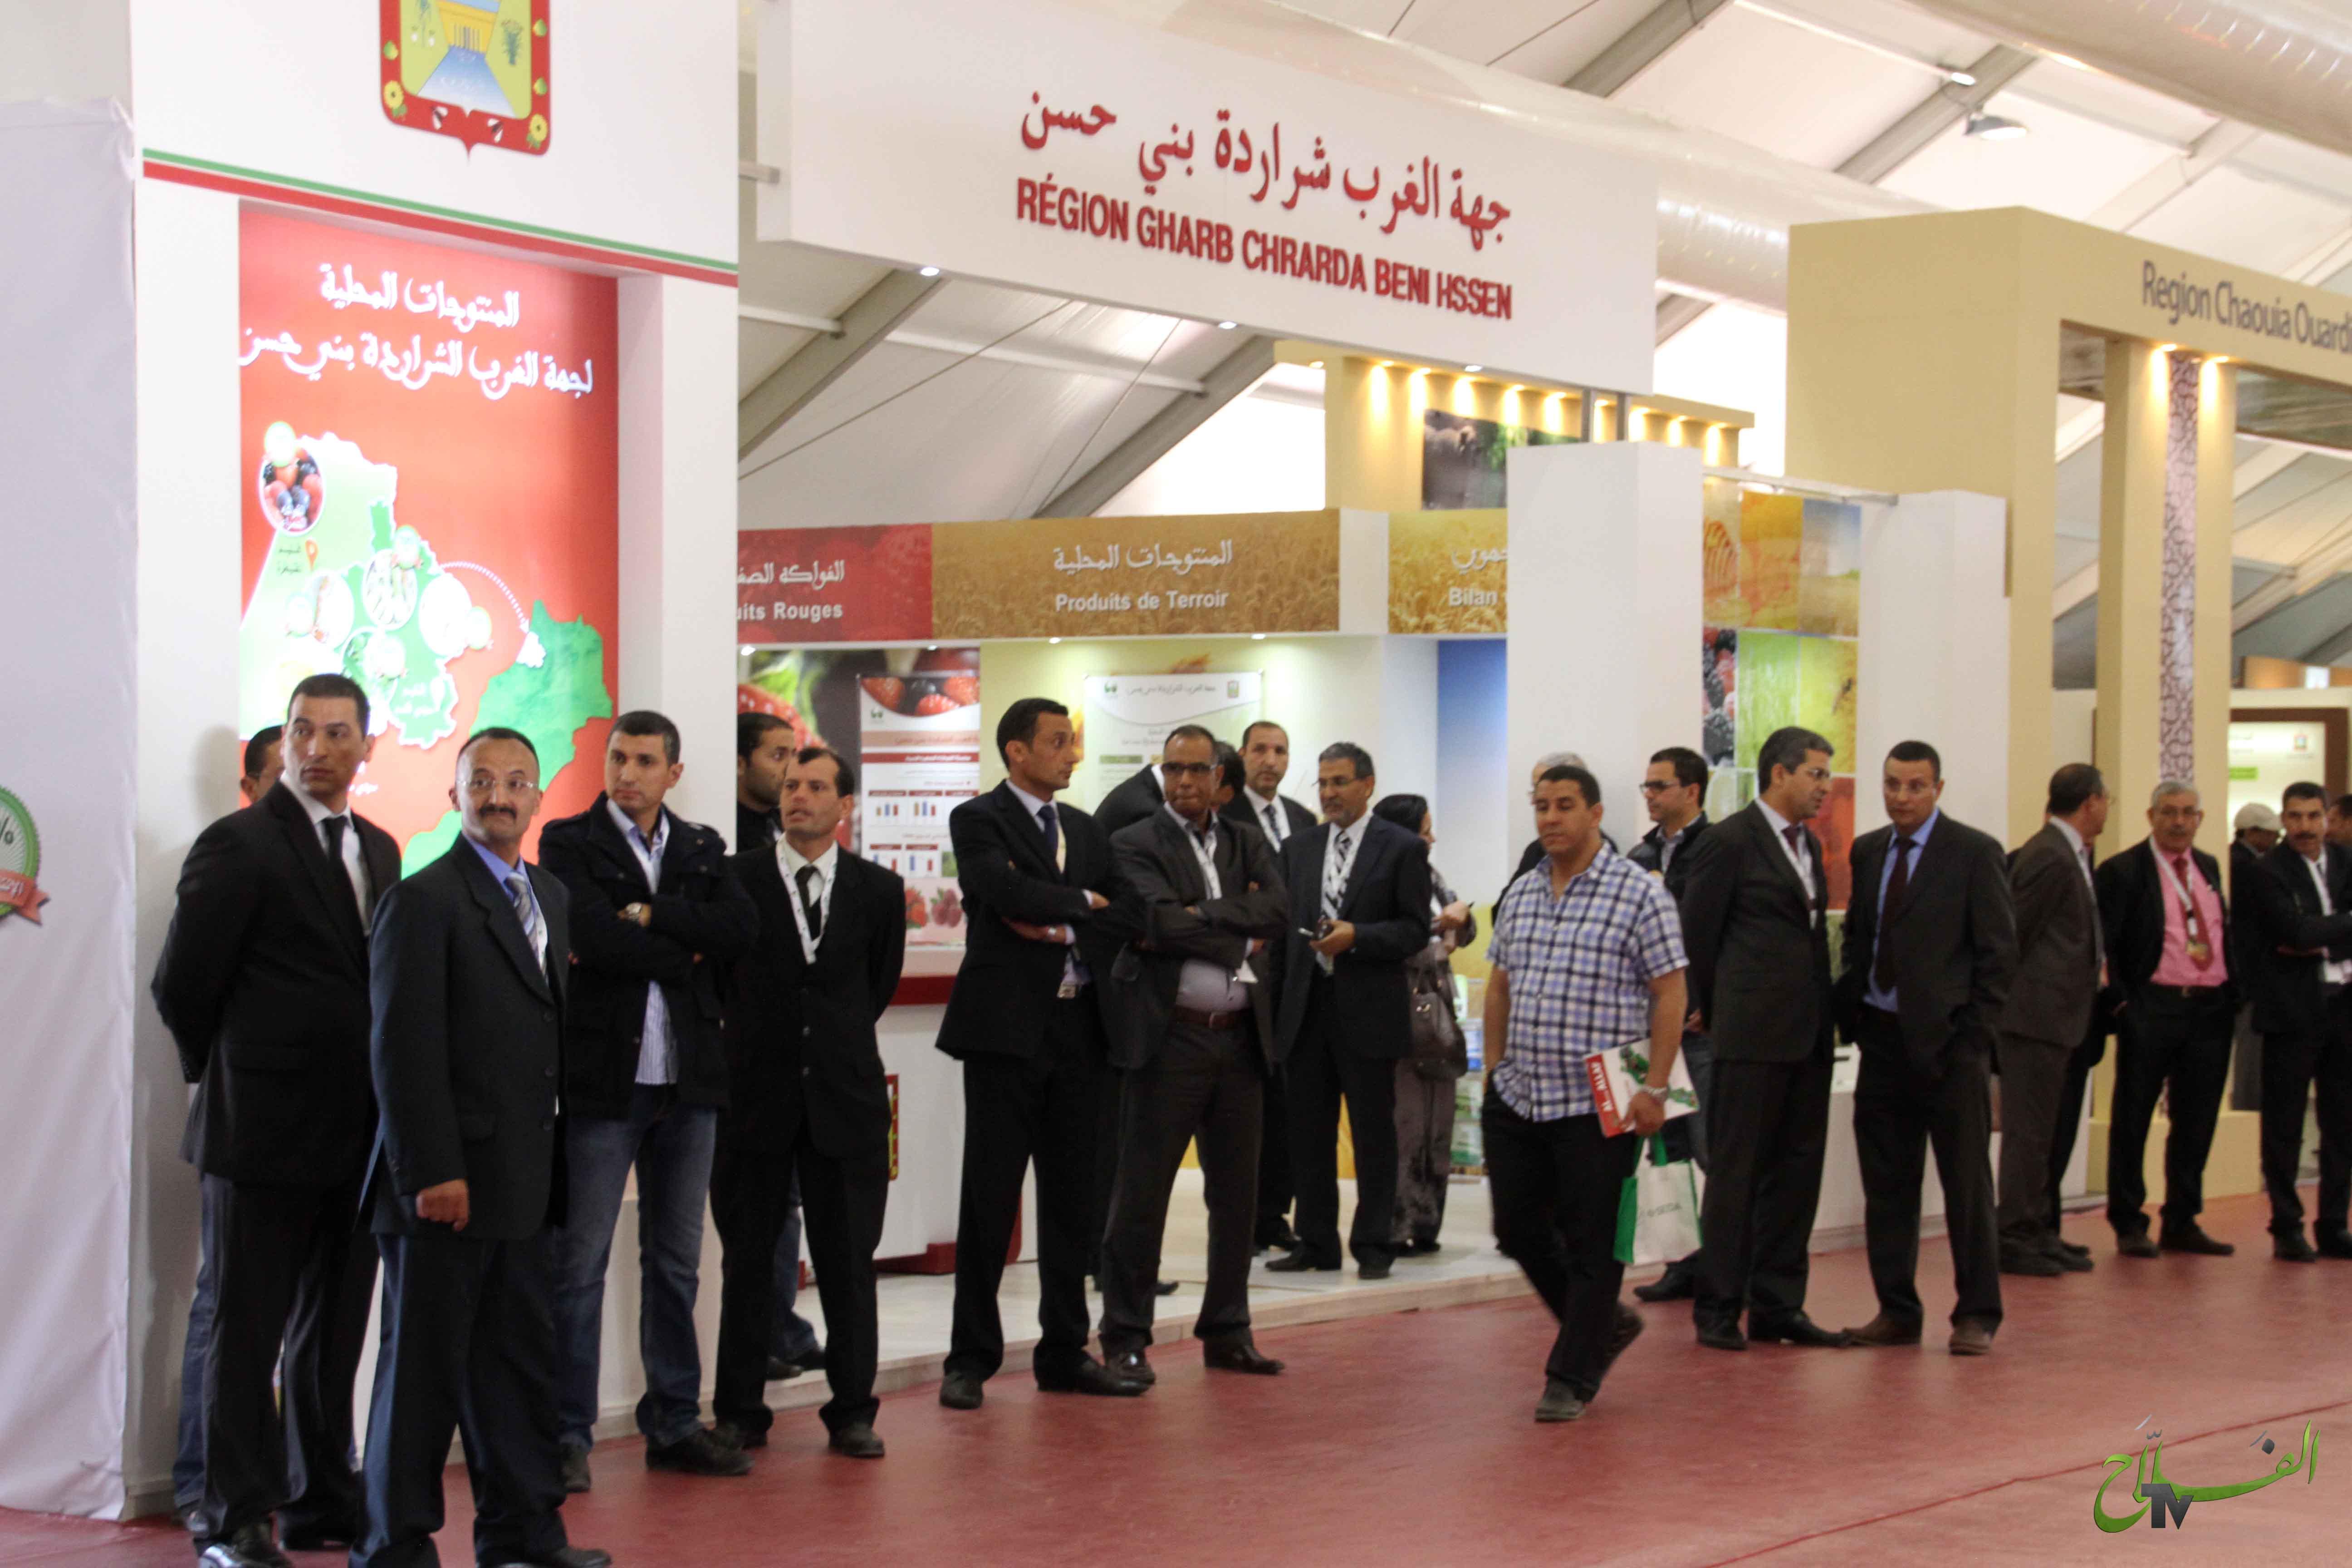 الجهات الفلاحية المشاركة بالمعرض الدولي للفلاحة بمكناس